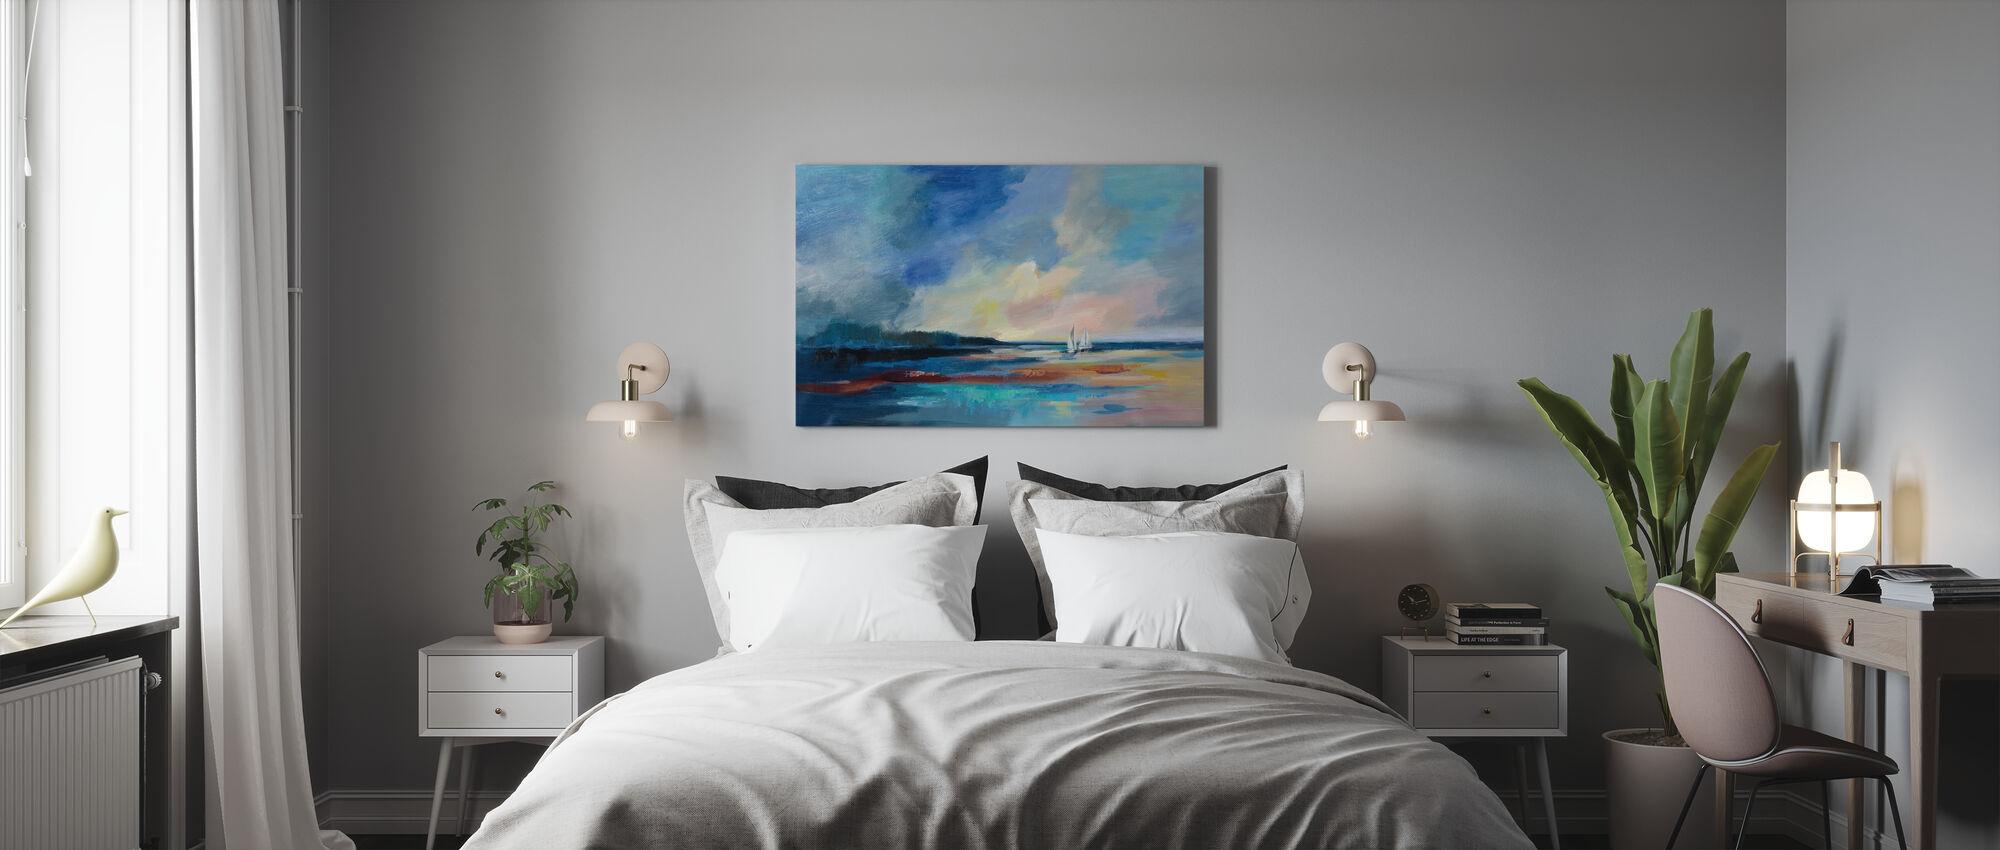 Ultramarine Hav og himmel - Billede på lærred - Soveværelse